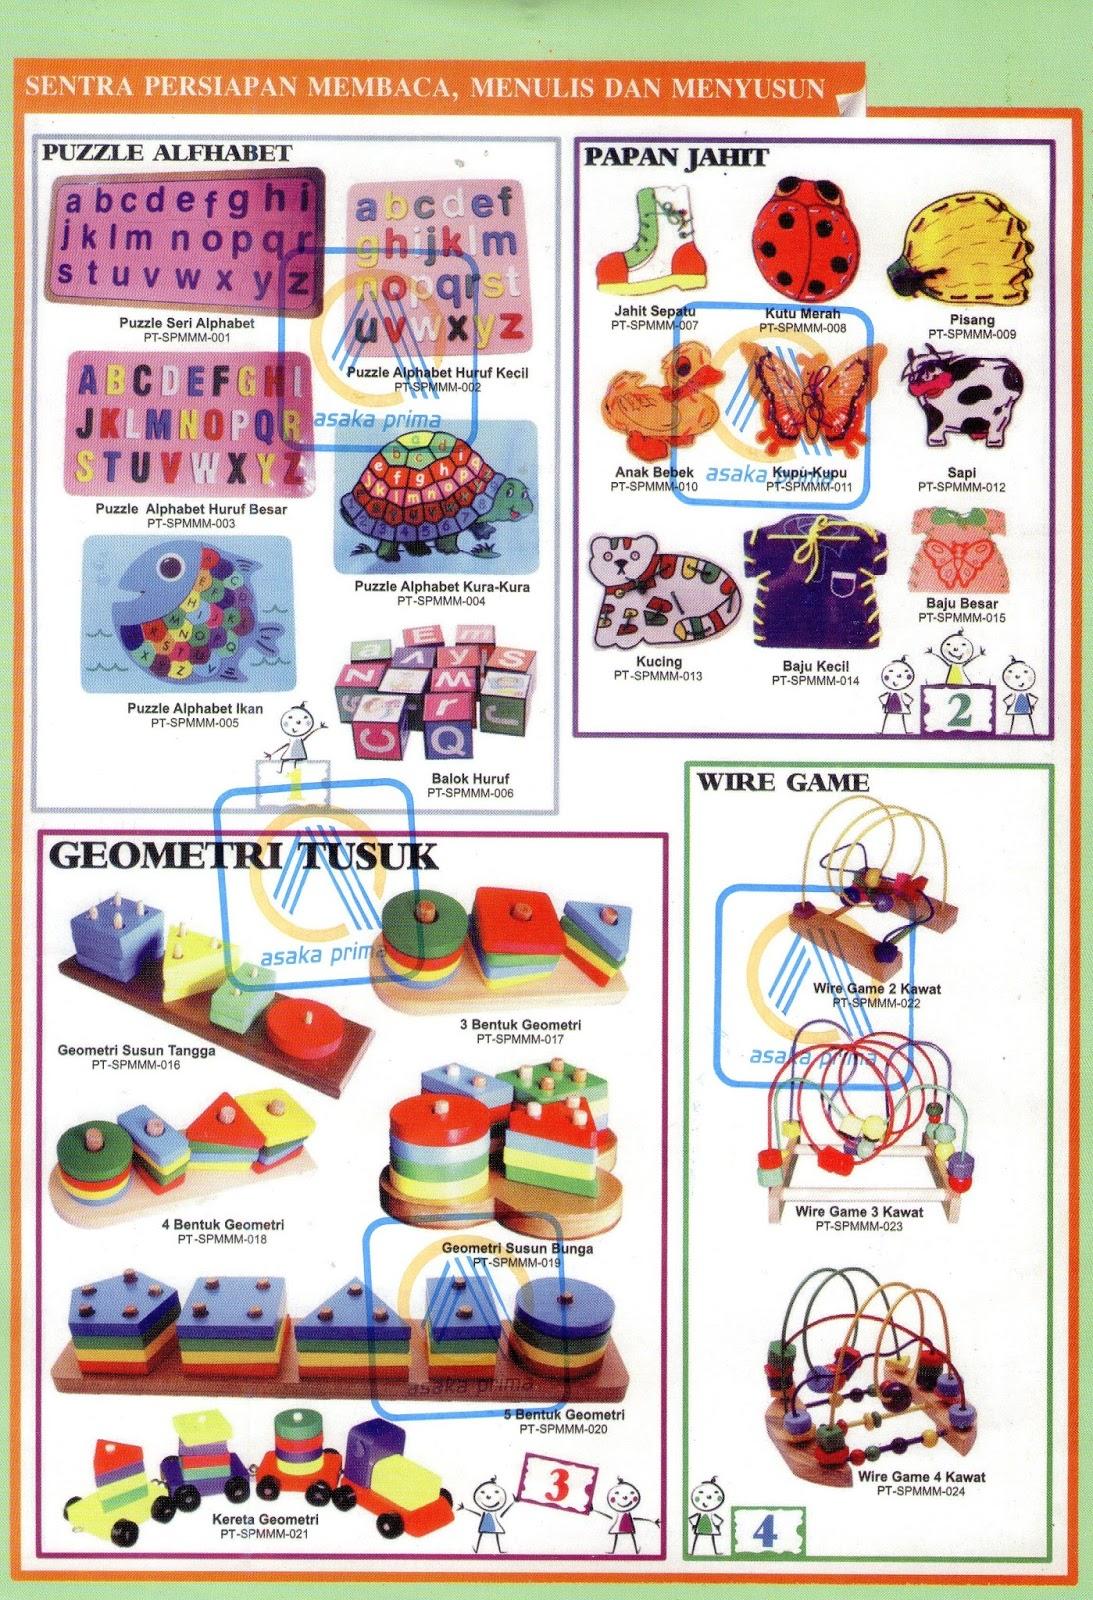 APE TK PAUD - SENTRA PERSIAPAN MEMBACA & MENULIS ,alat peraga edukatif,alat permainan edukatif,mainan edukatif paud,balok pdk,balok natural,ape kit paud,rab ape paud,mainan edukatif,produsen alat peraga edukatif,mainan edukatif paud